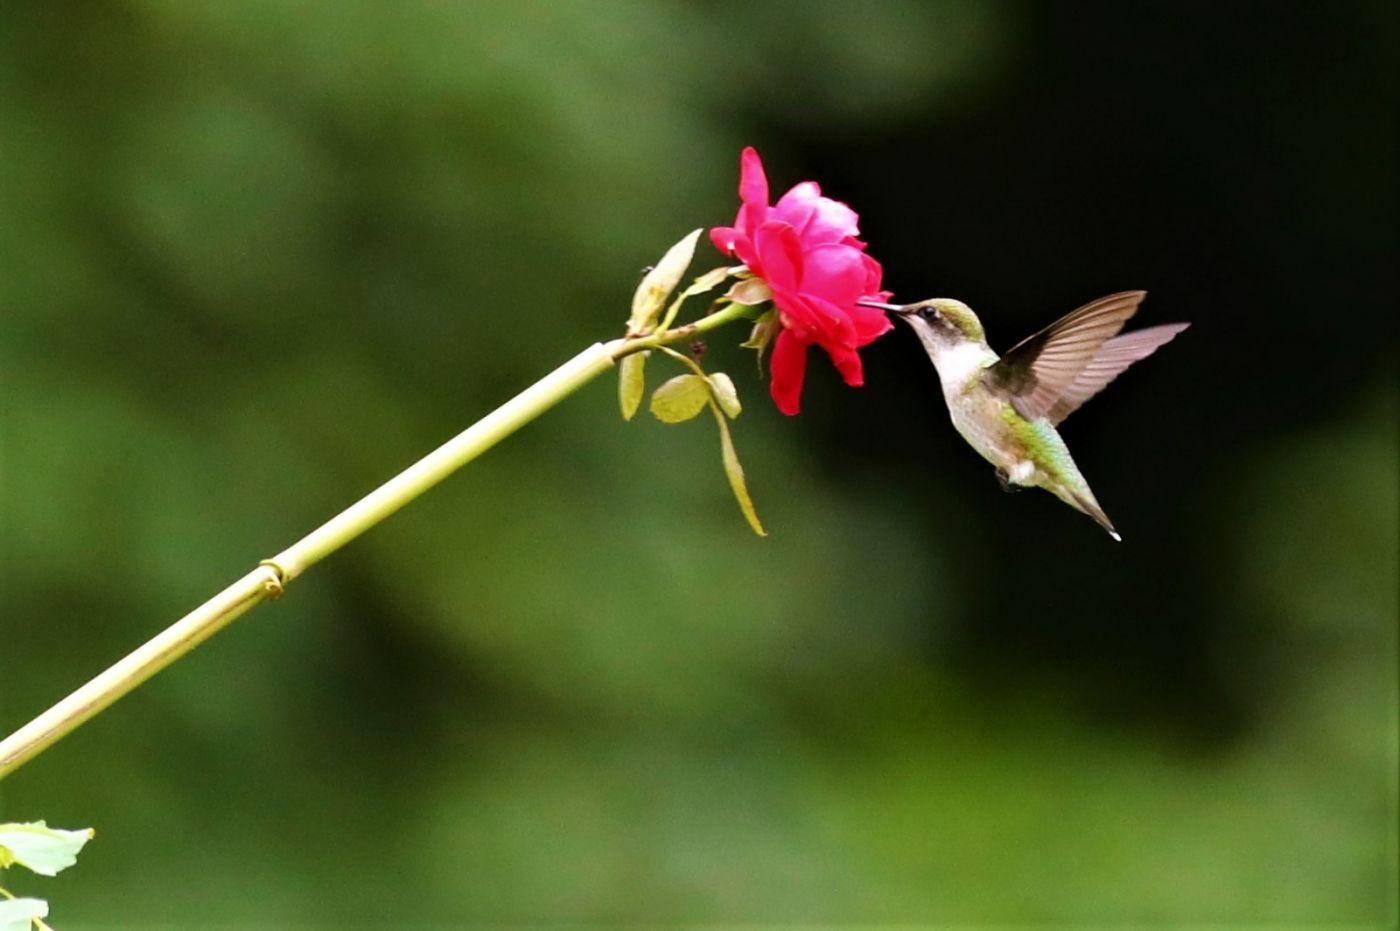 【爱摄影】追拍蜂鸟_图1-1